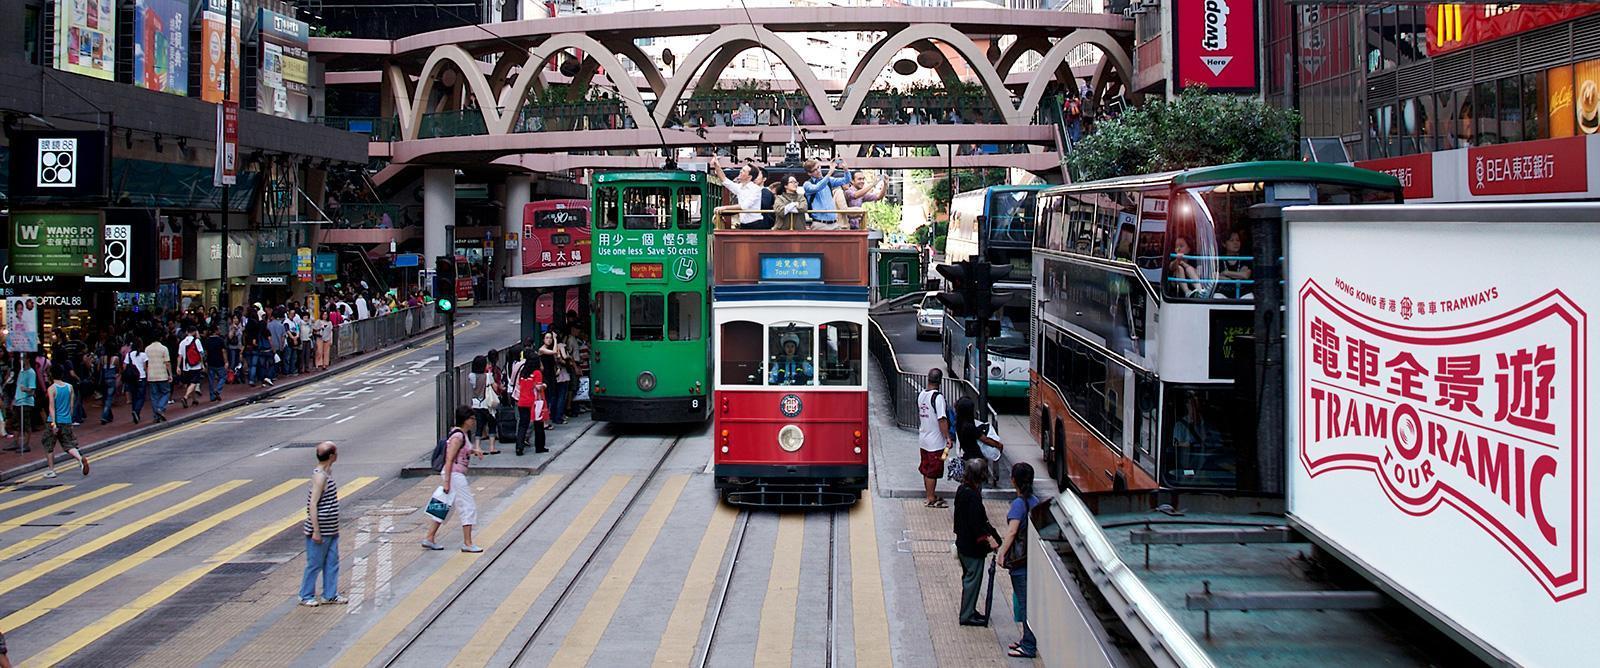 【香港叮叮車懷舊之旅】香港電車全景遊套票 - KKday